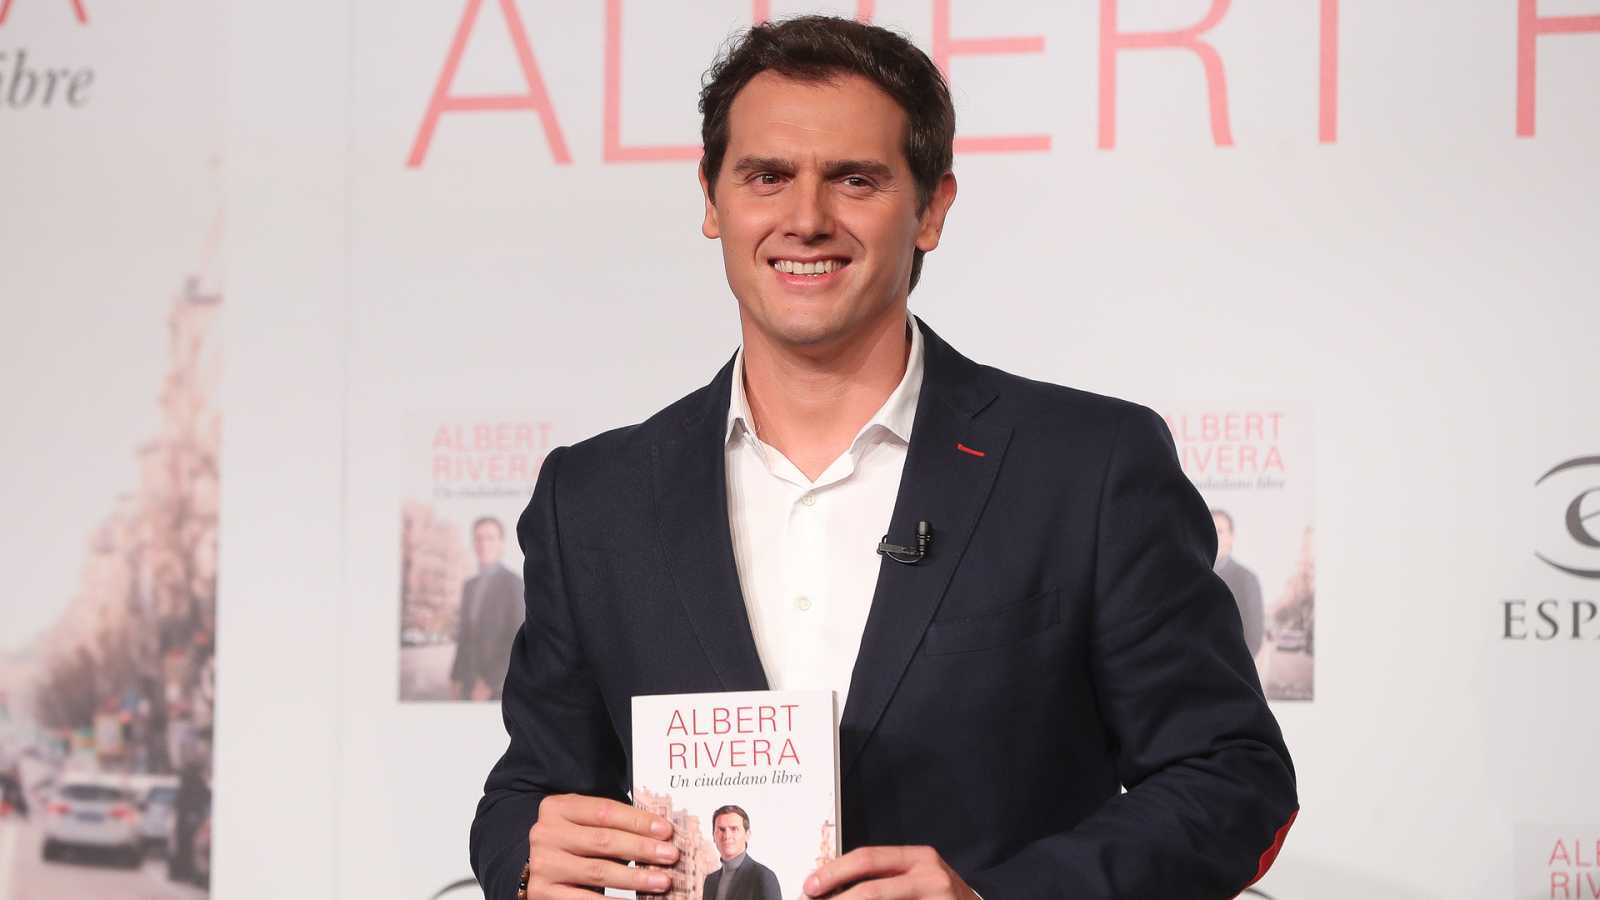 Entrevista a Albert Rivera - La Hora de la 1